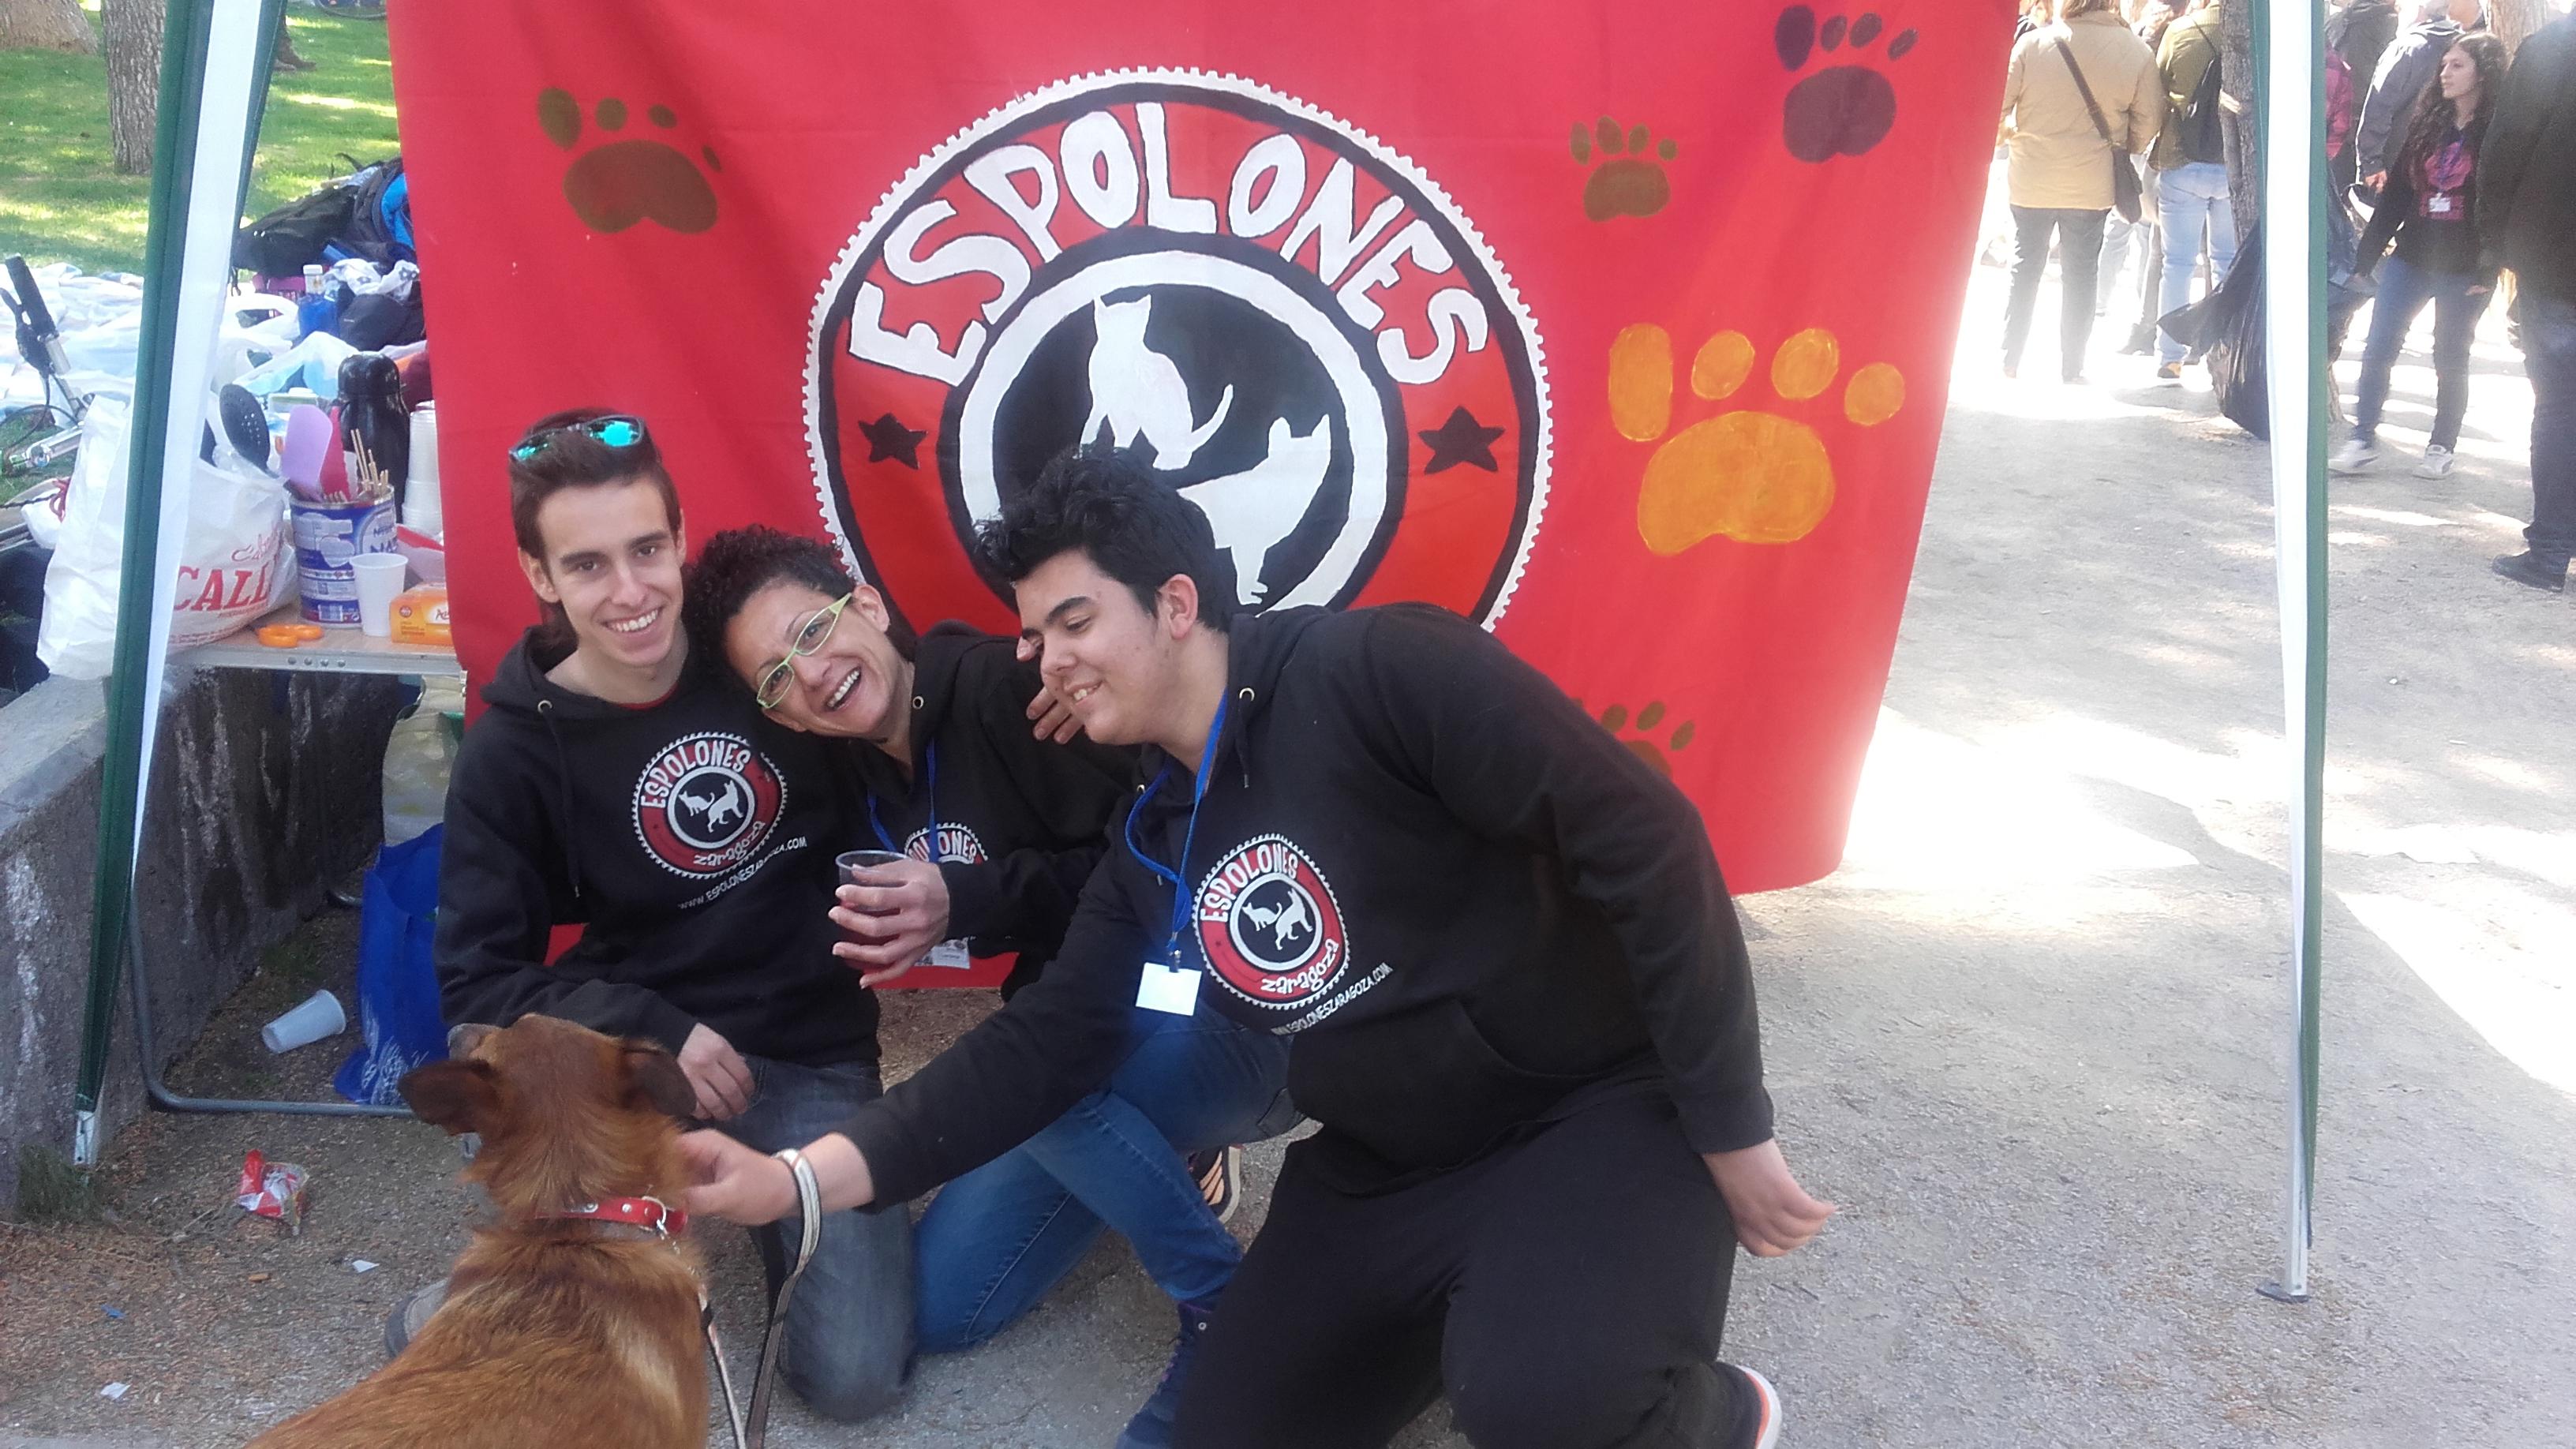 2/4/2016 Fiesta del Sol